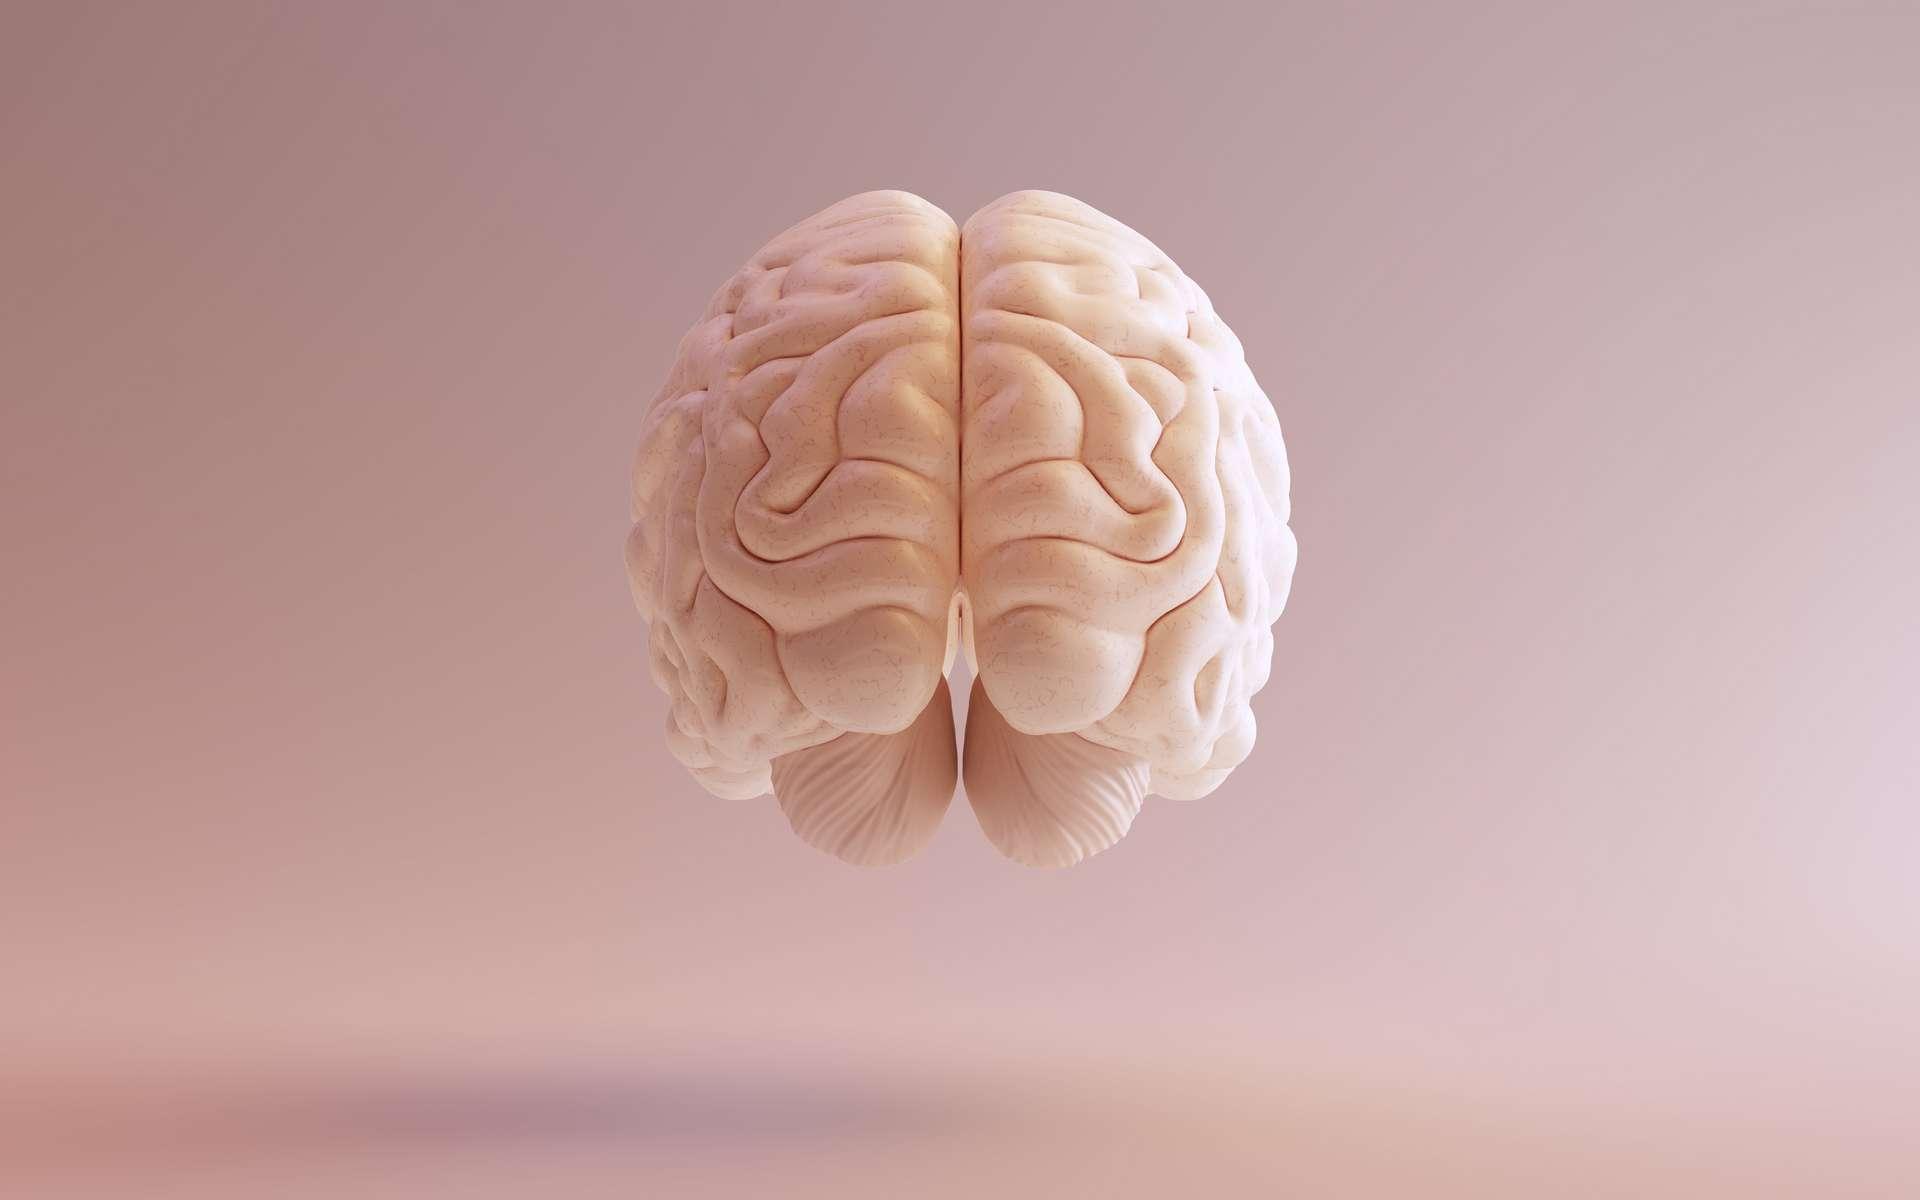 Qu'est-ce que le syndrome du savant acquis ? © Paul, Adobe Stock